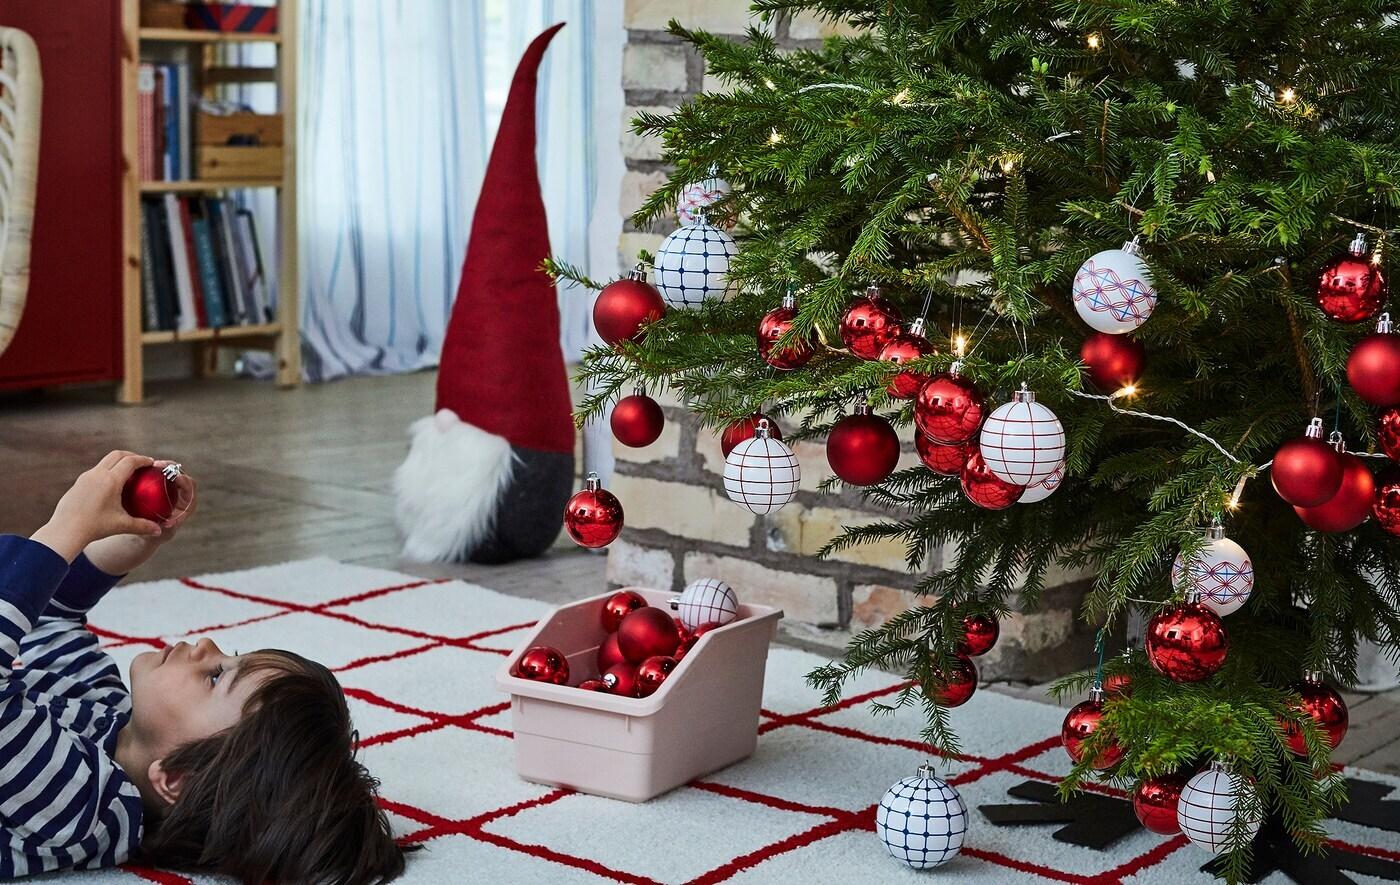 Un sapin de Noël chargé de décorations; un garçonnet couché sur le dos à côté, sur un tapis, en train d'examiner une décoration.